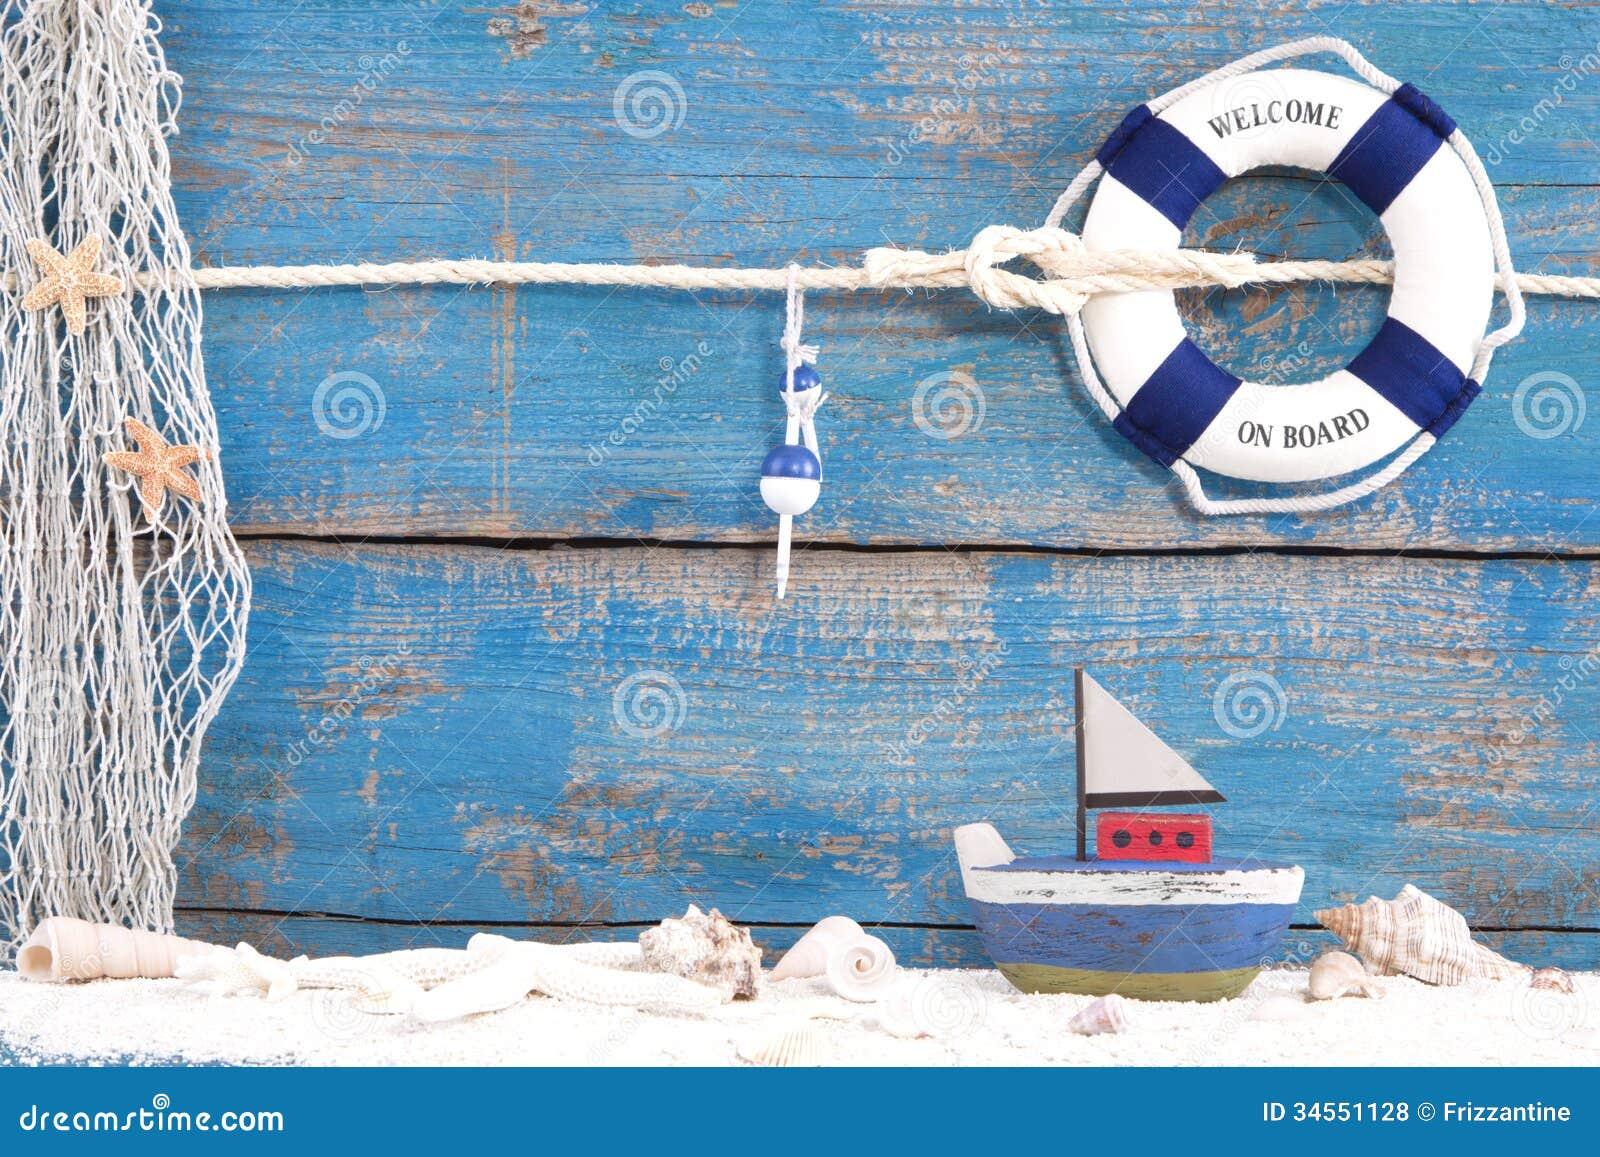 Brinque o barco com escudos em um fundo de madeira azul para o verão, HOL